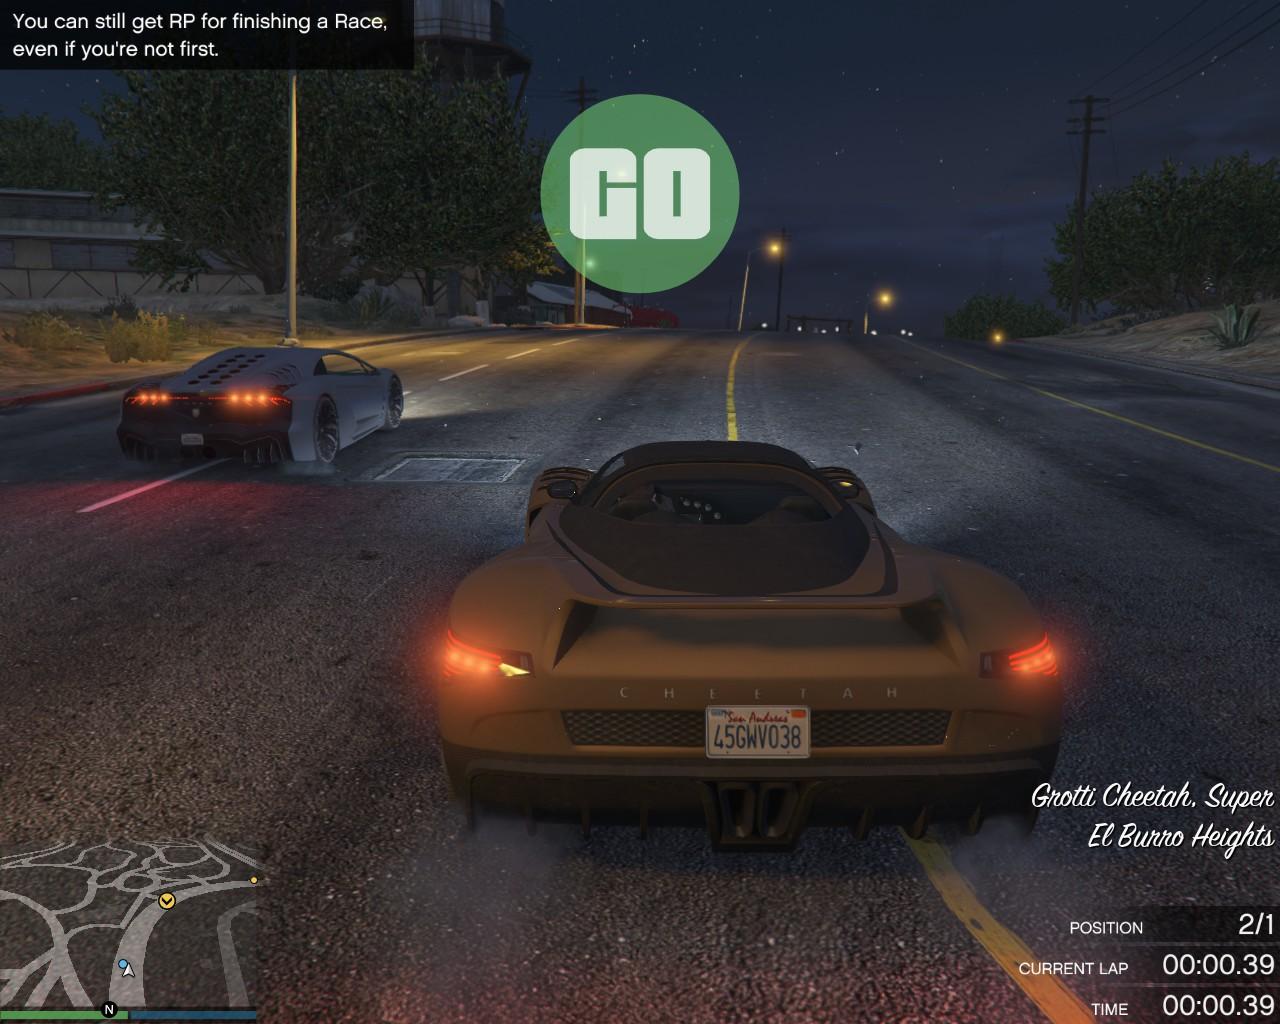 تعرف على المراجعة التفصيلية للعبة GTA V القصة والأونلاين